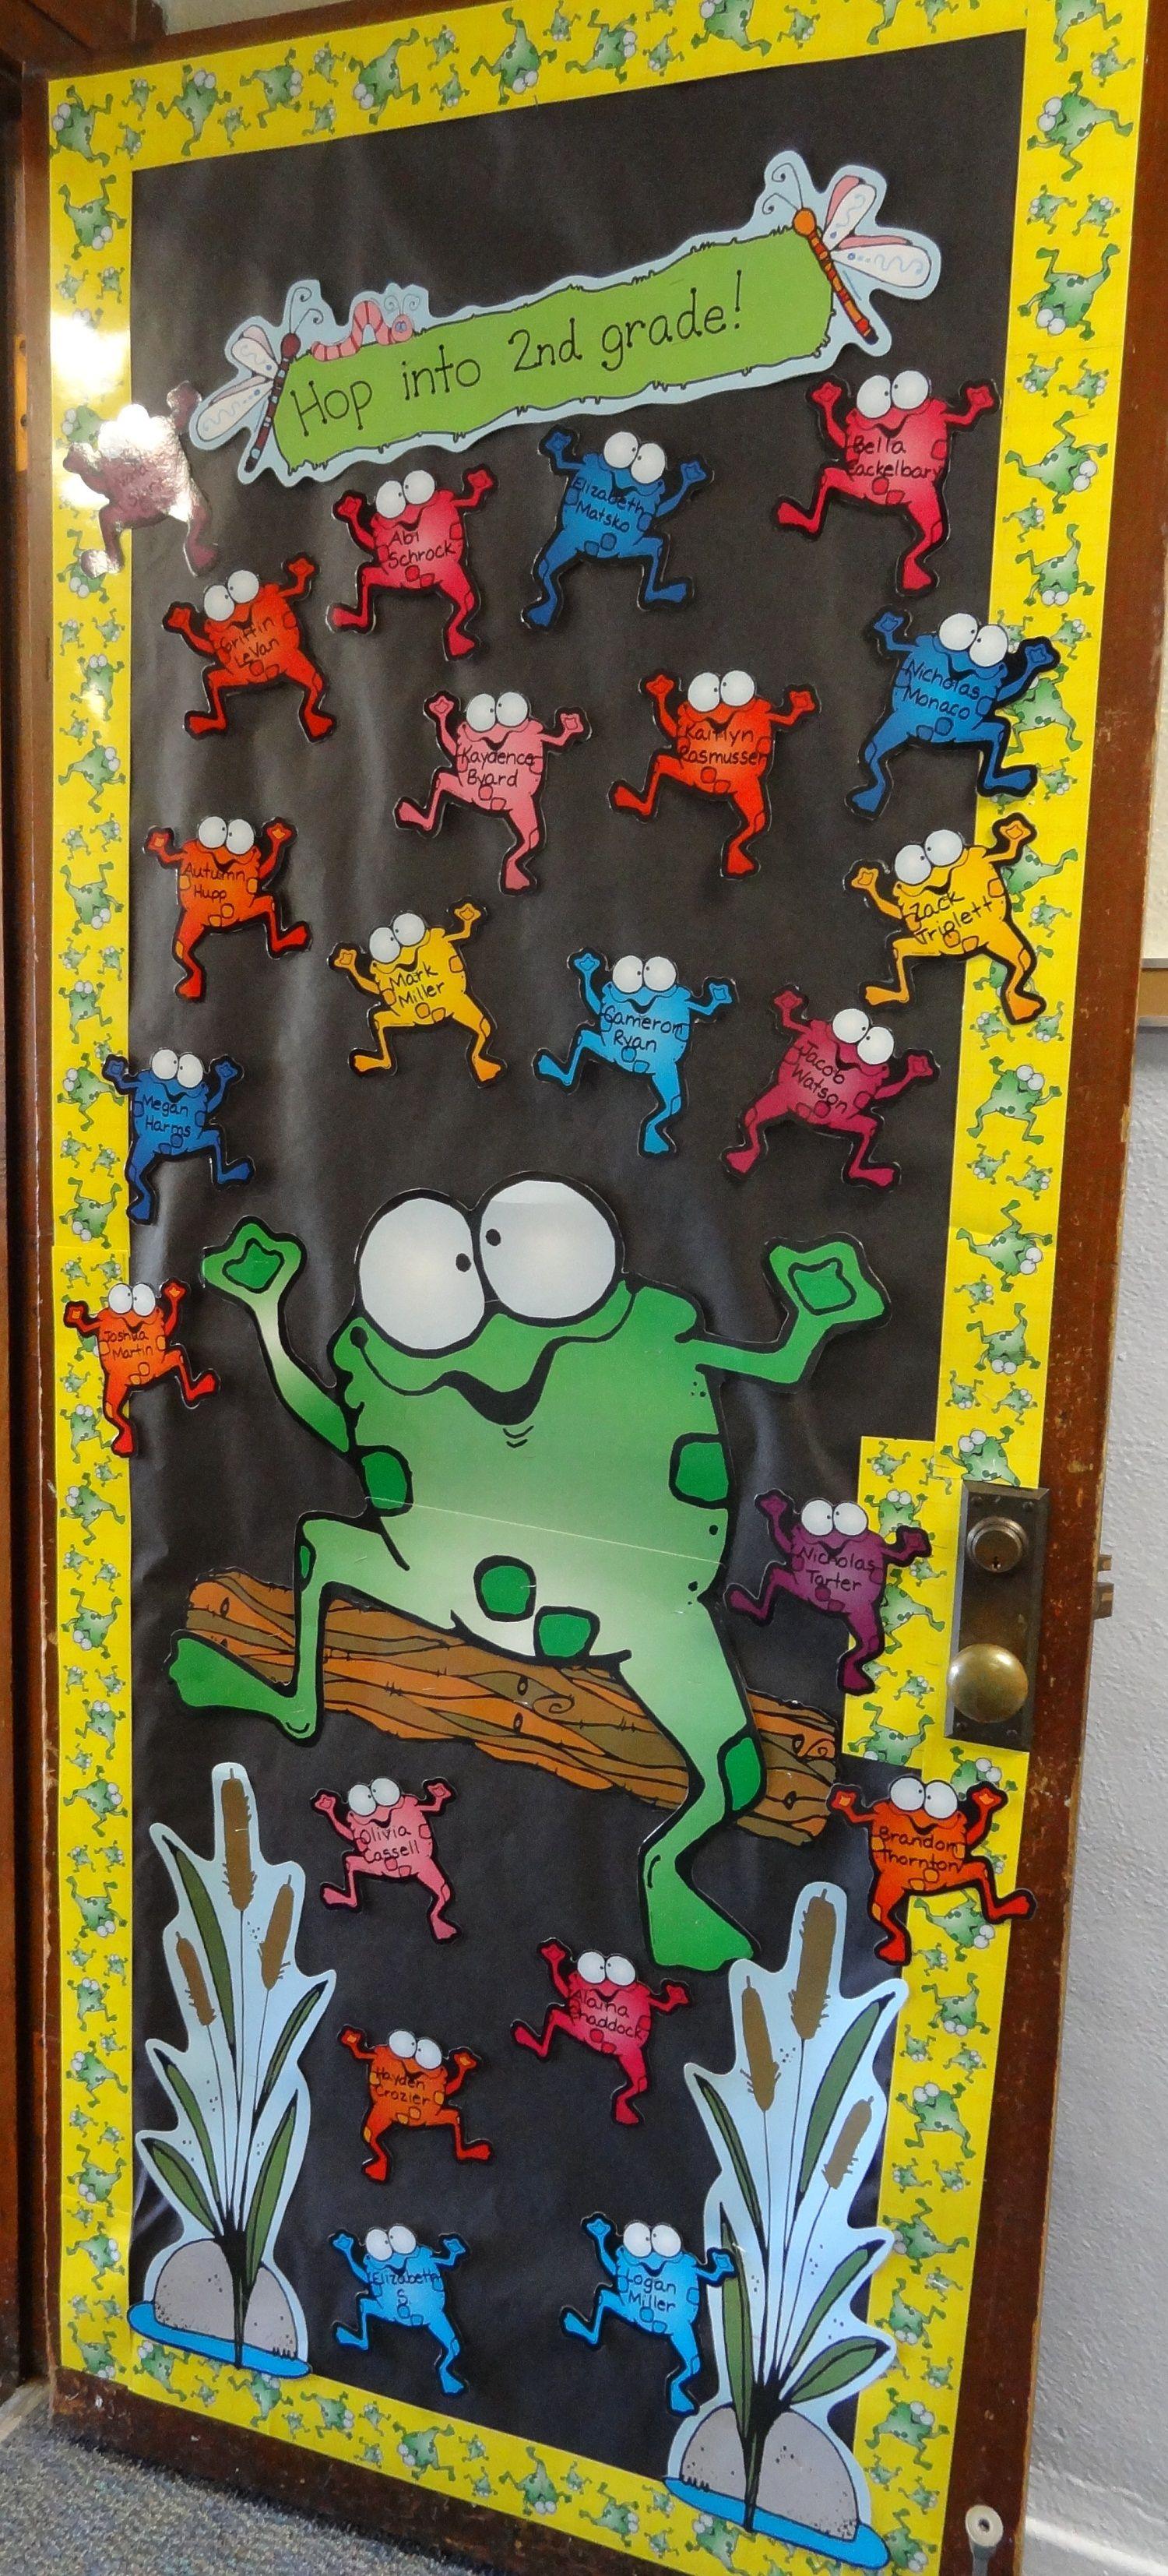 Hop Into Second Grade! - Frog Themed Welcome Classroom Door ...